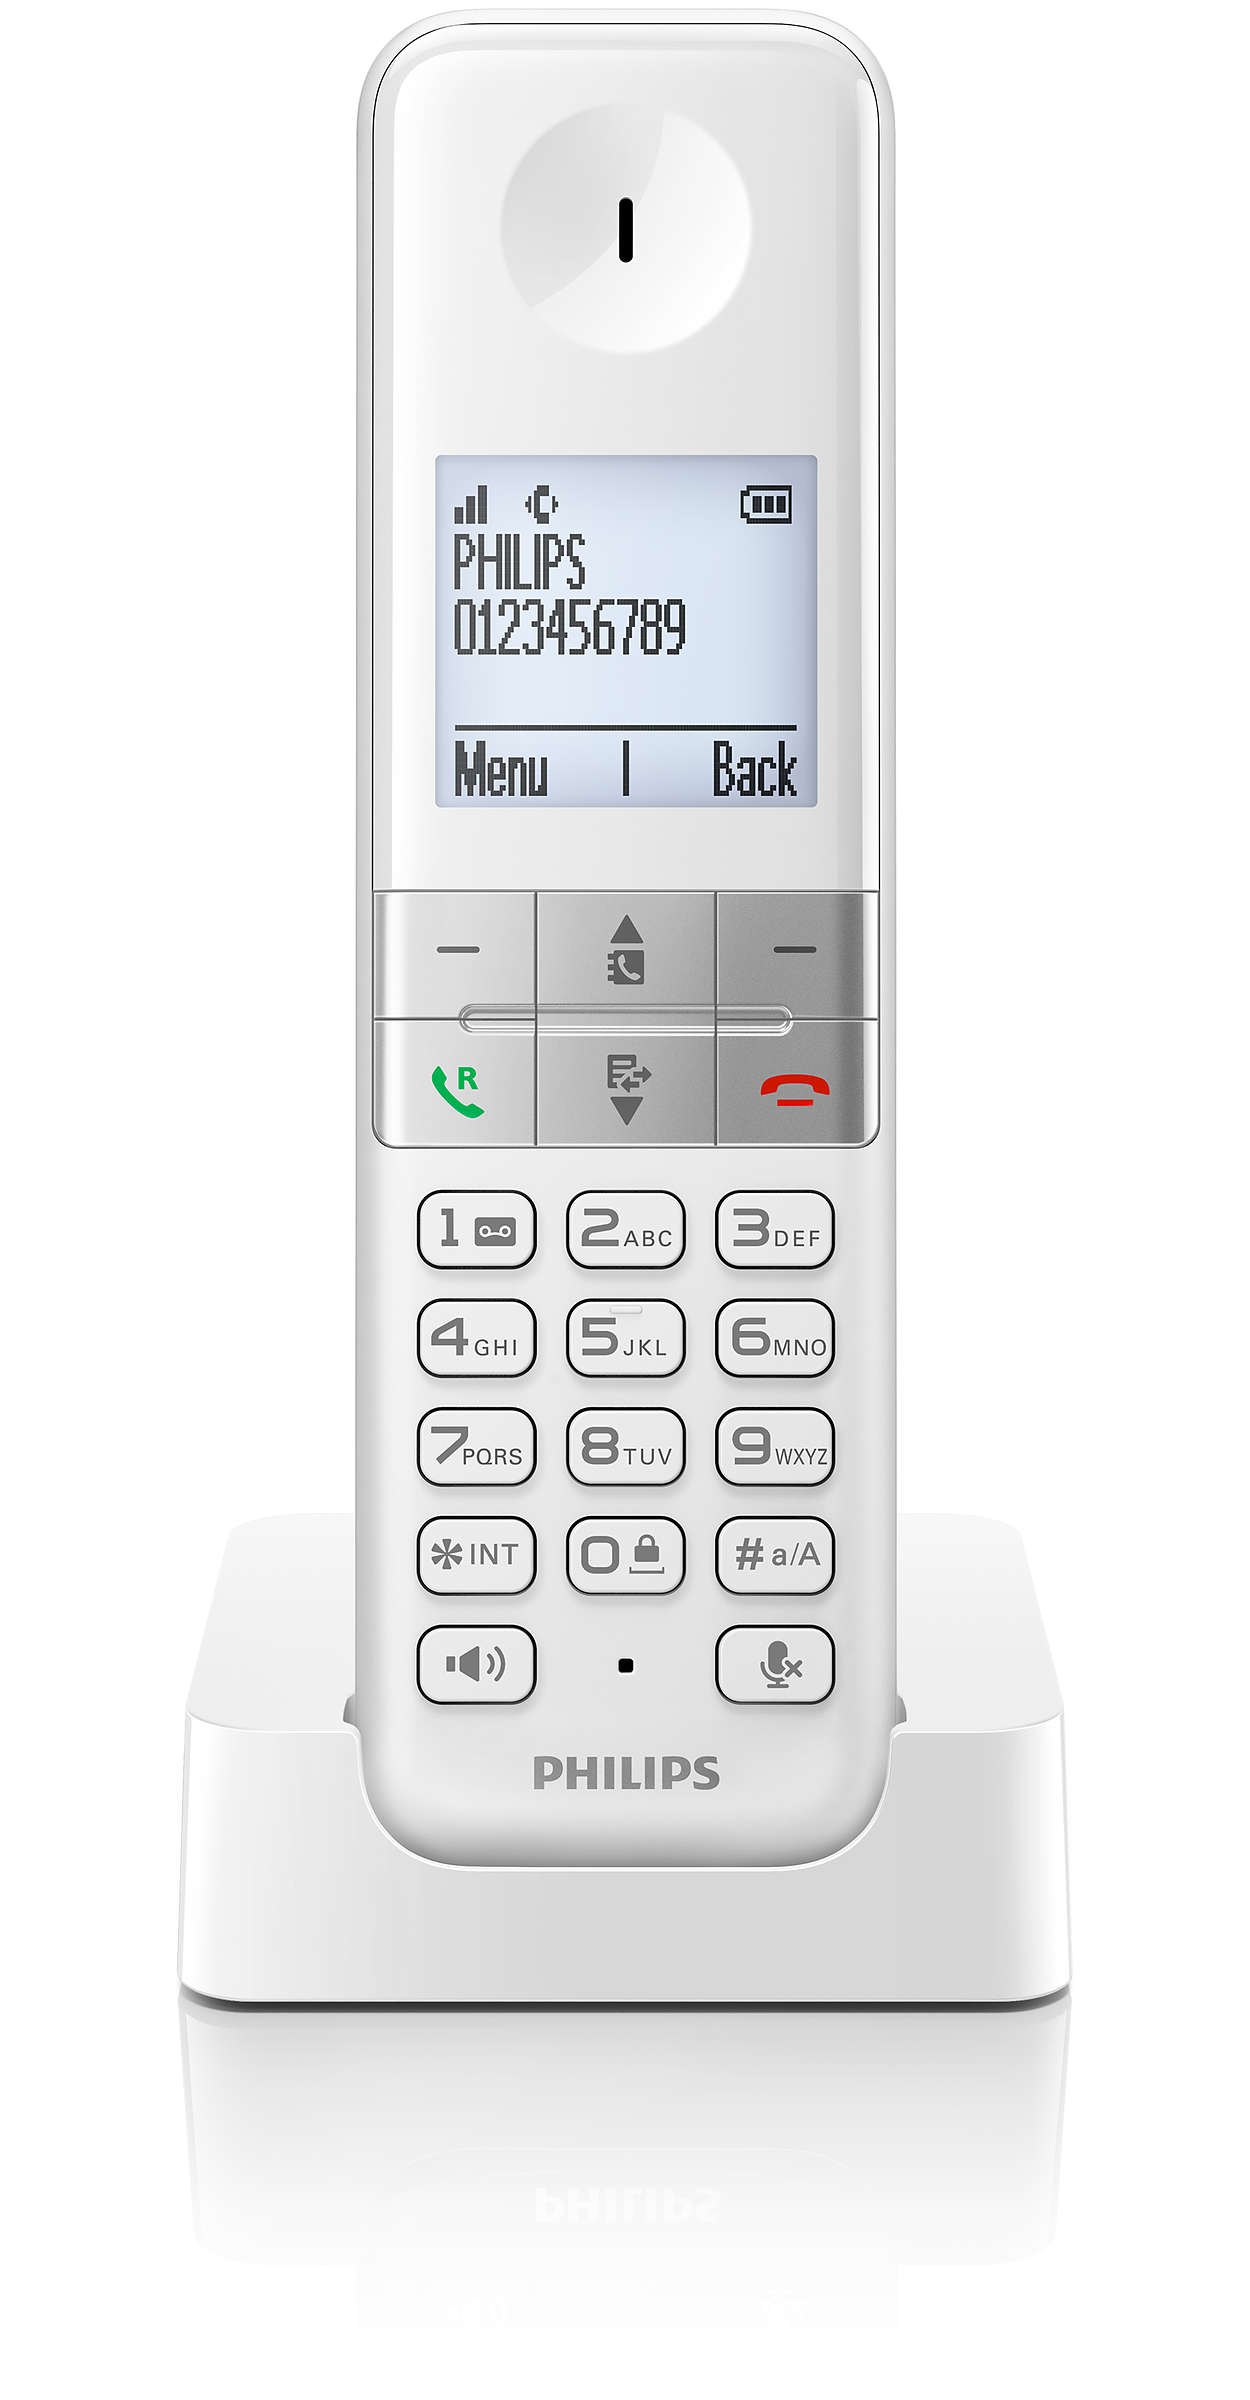 Philips Registrieren